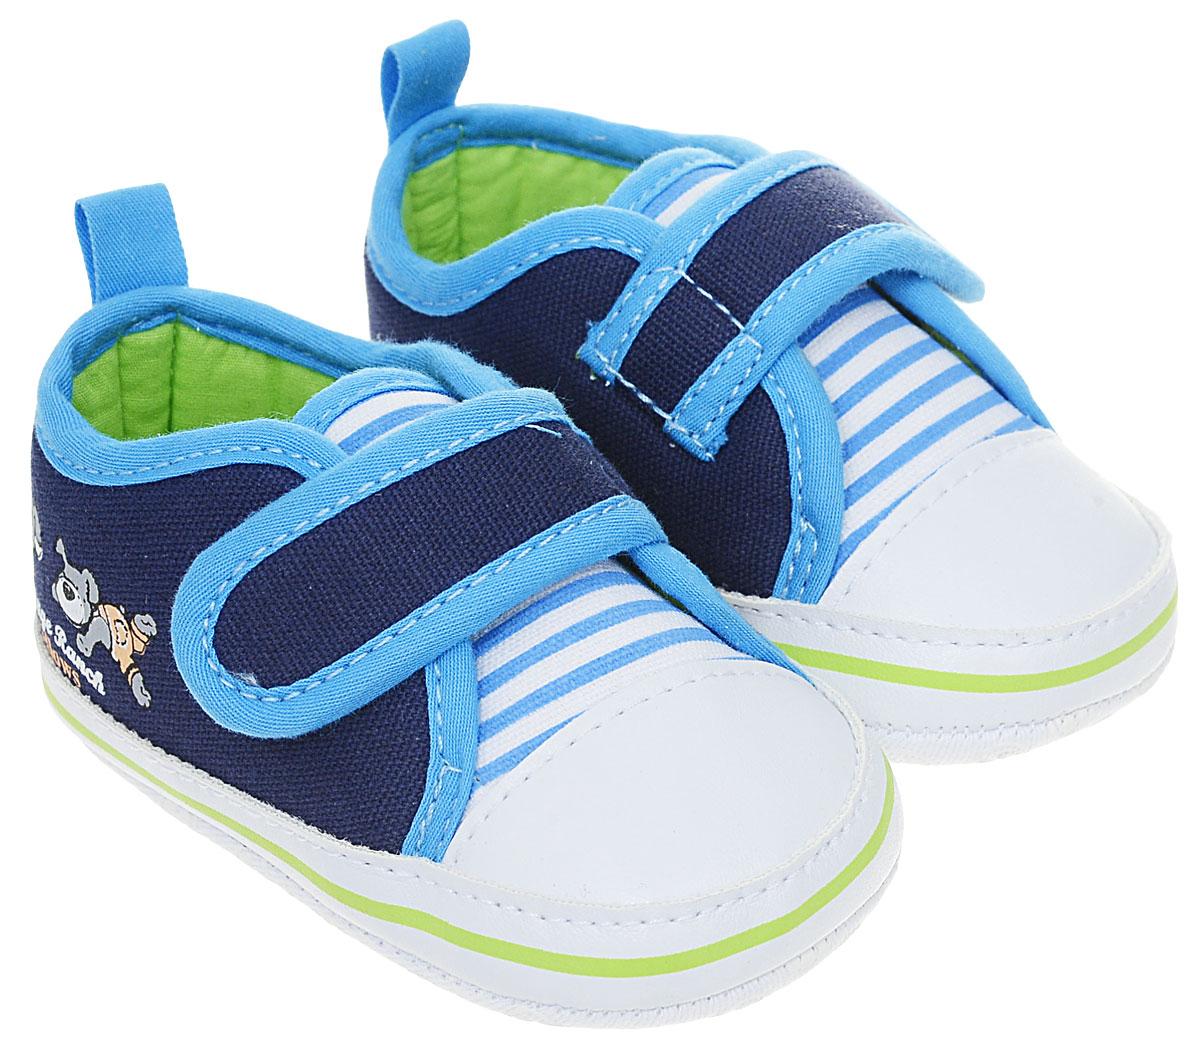 Пинетки детские Flamingo, цвет: синий. 71Y-YXL-0077. Размер 1971Y-YXL-0077Оригинальные детские пинетки от Flamingo - это легкая и удобная обувь для малышей, которые еще не умеют или только учатся ходить. Модель выполнена из текстиля.